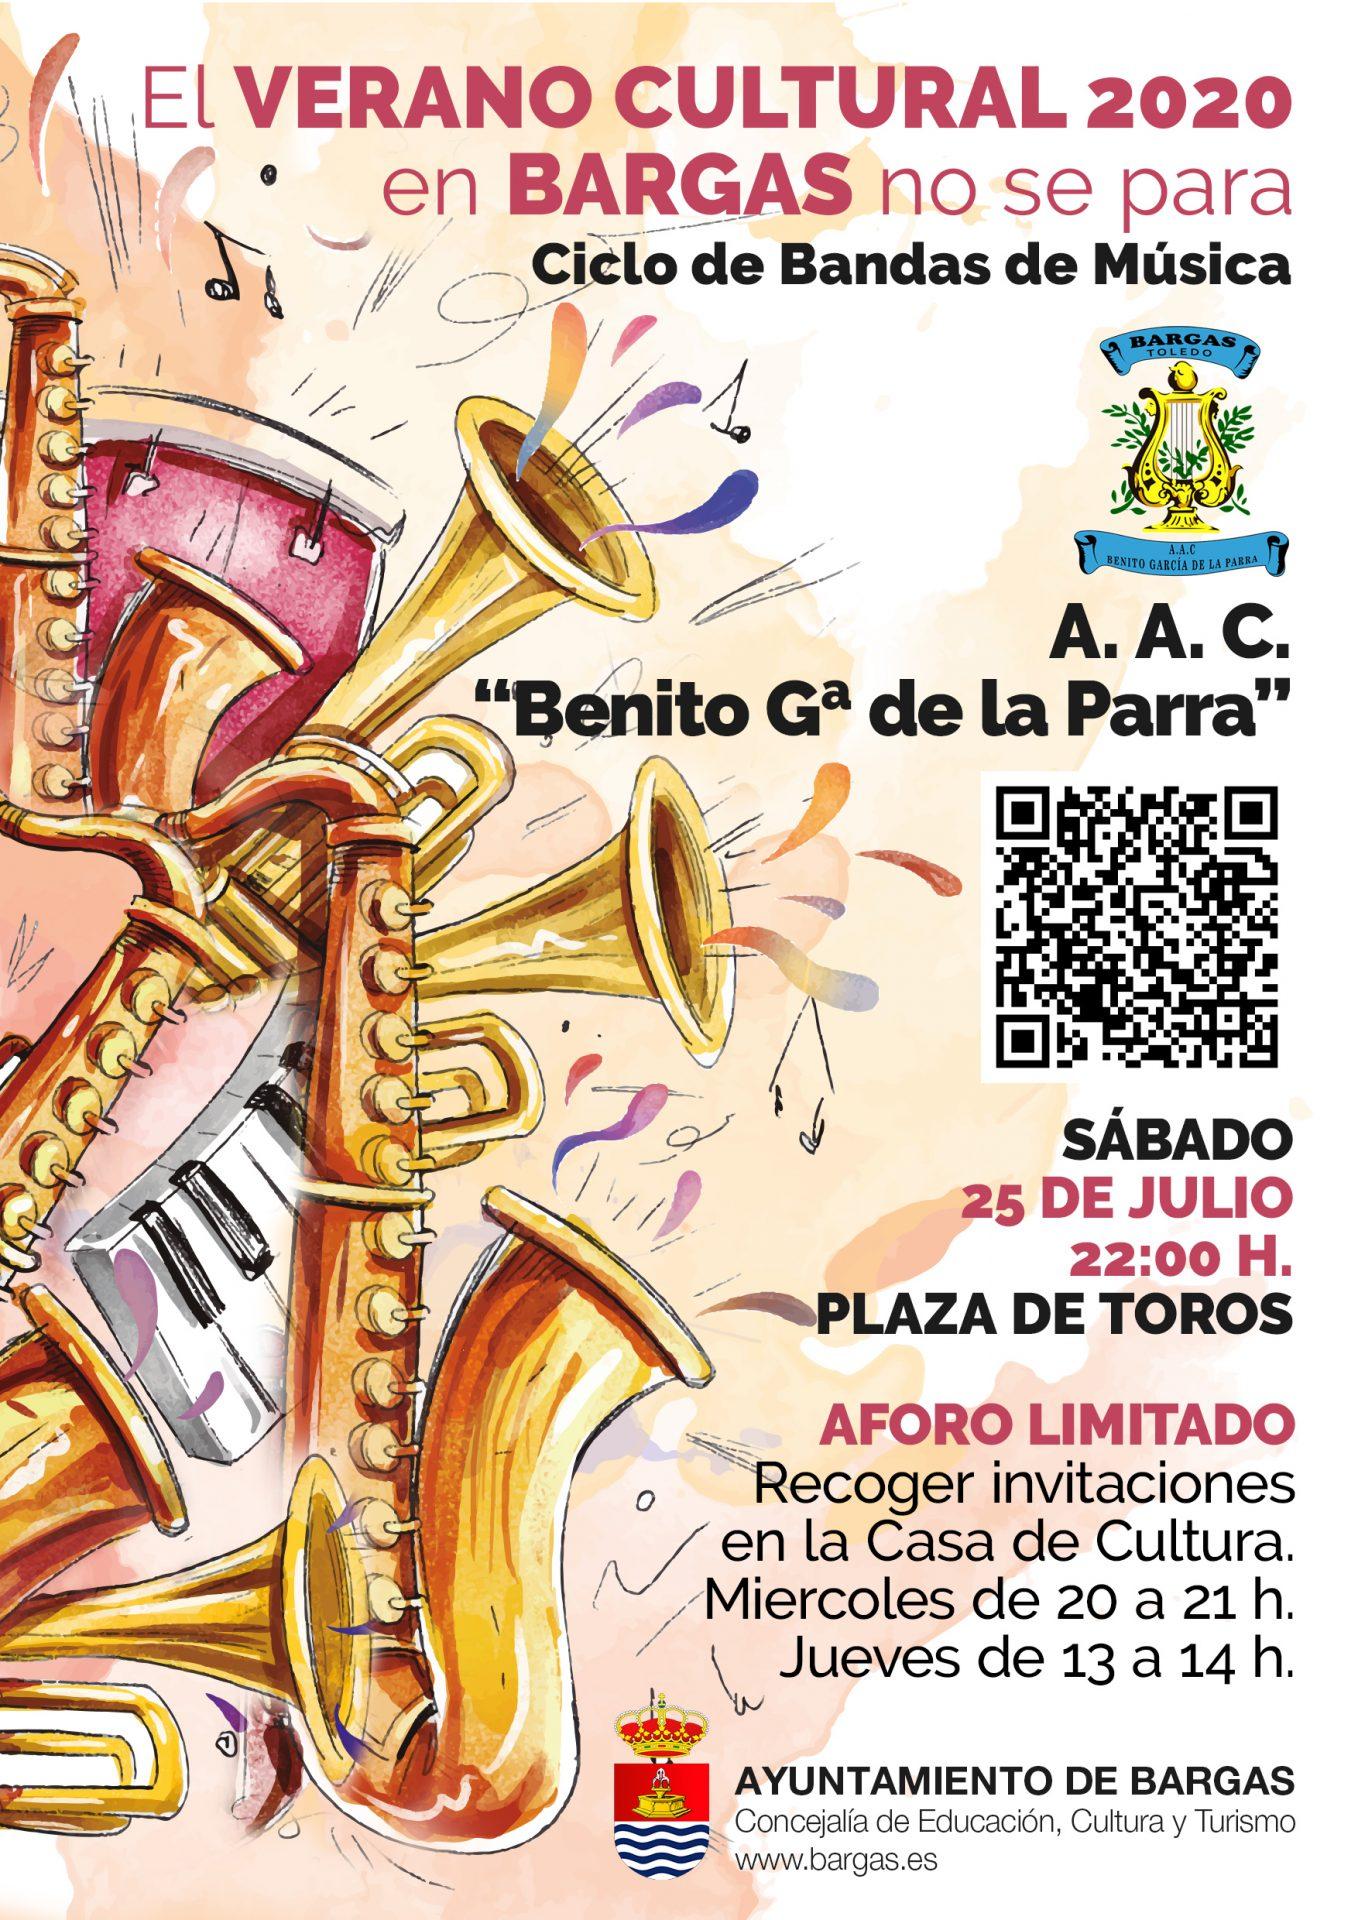 Verano Cultural 2020: Concierto de la A. A. C. «Benito García de la Parra»